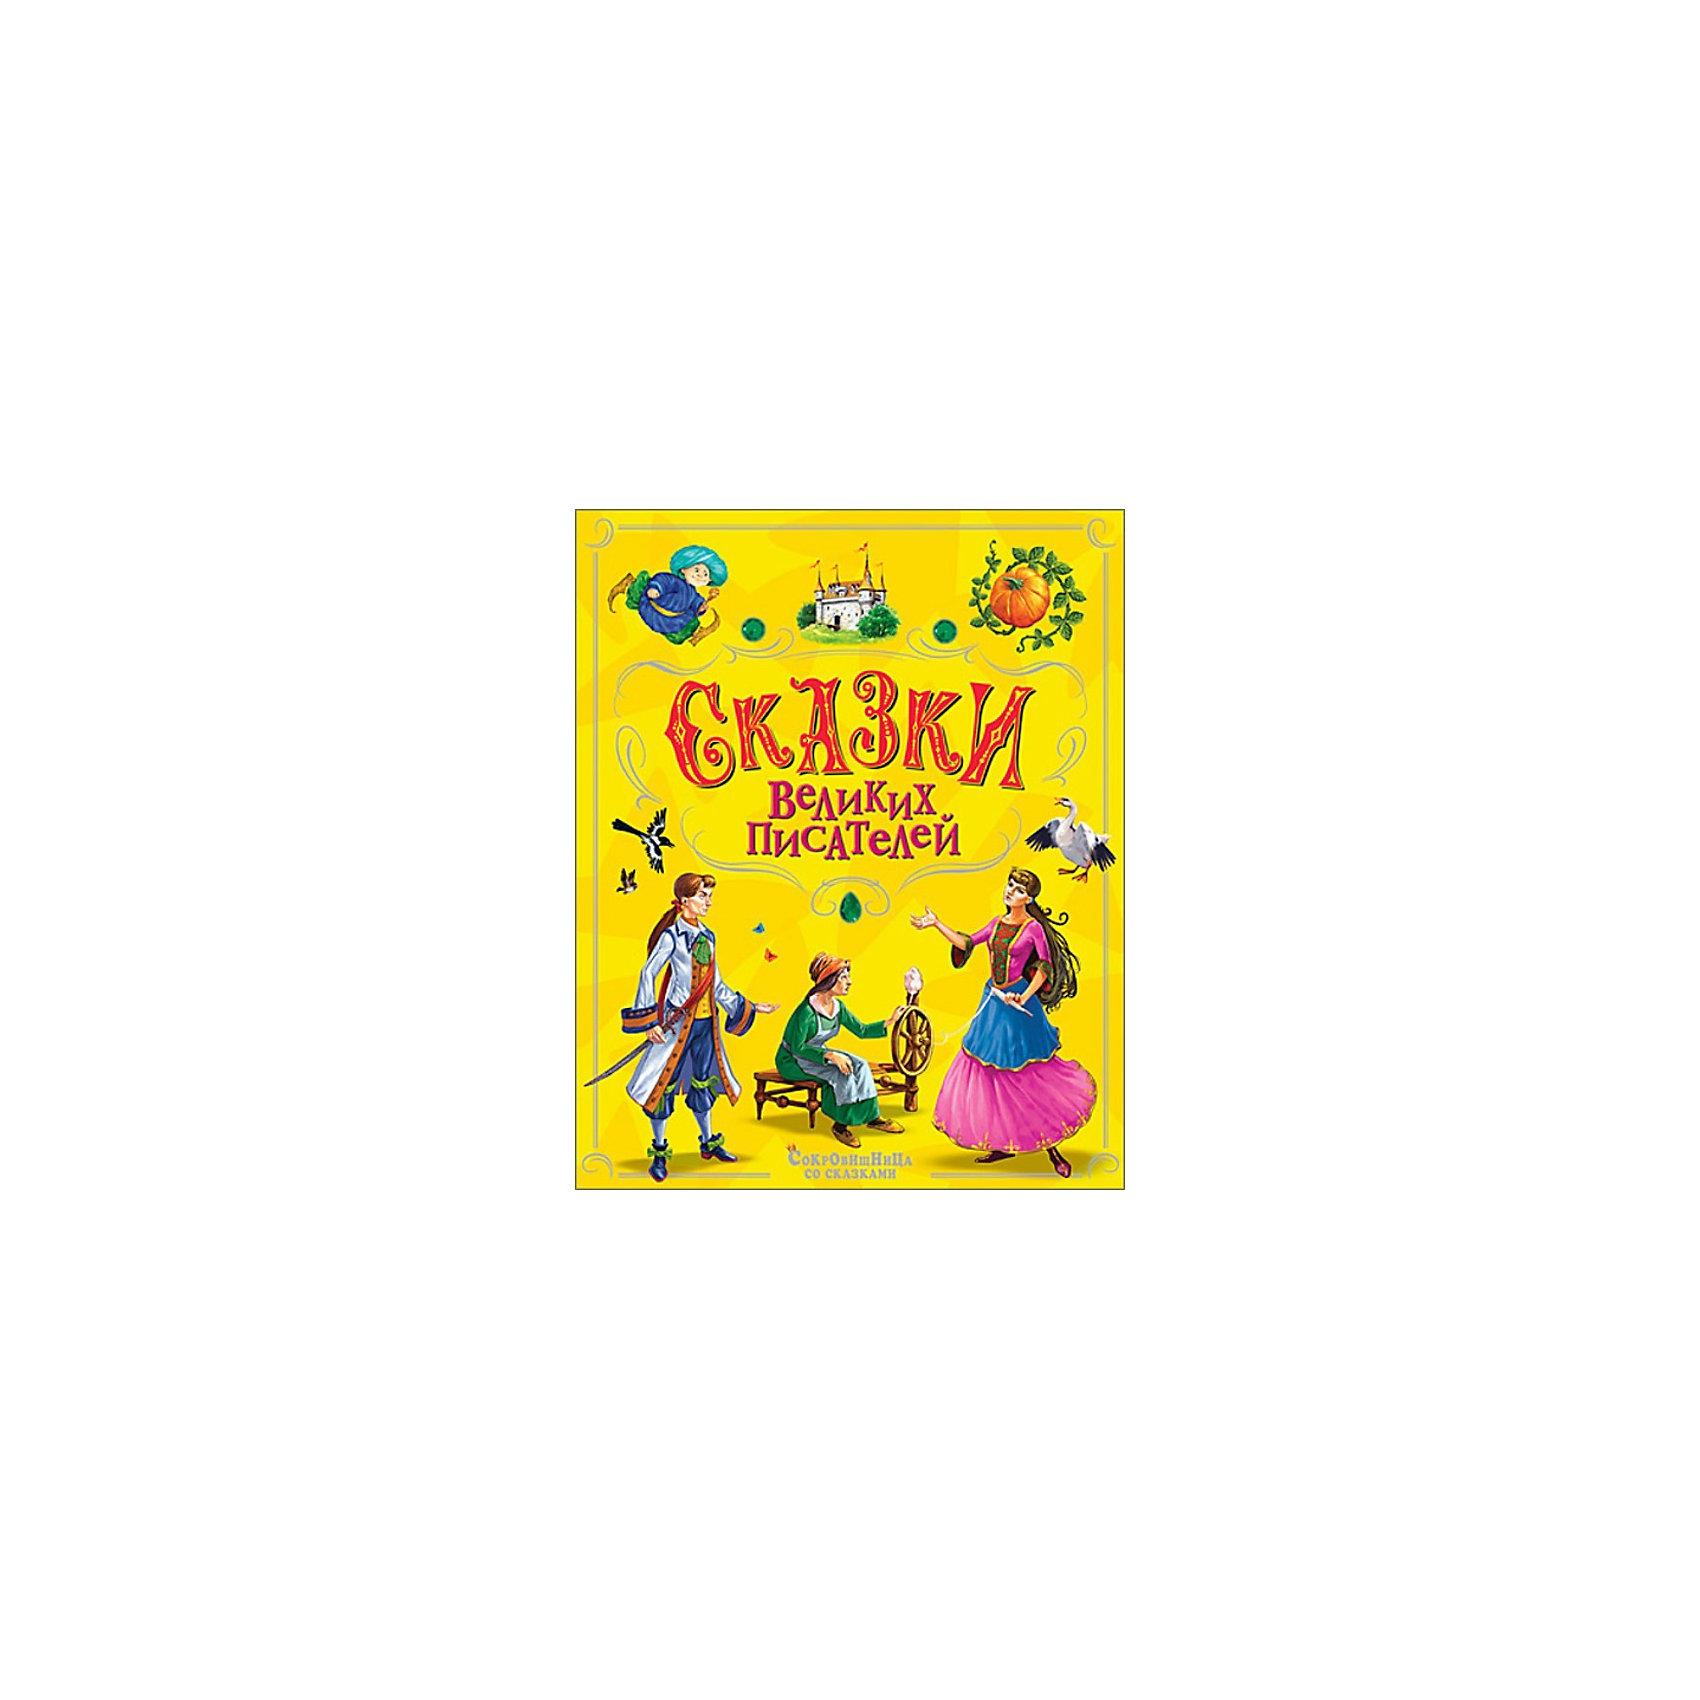 Сказки великих писателей, Ш.Перро, В.Гайф, О.УайлдЗарубежные сказки<br>Сказки Великих Писателей, серия Сокровищница со сказками станет любимой книгой Вашего малыша! Великолепные иллюстрации и любимые классические сказки не оставят равнодушными ни маленьких, ни взрослых!<br>Вашему вниманию представлены сказки великих писателей: <br>Шарль Перо - Золушка, Спящая красавица, Хохлик;<br>Вильгельм Гауф - Маленький Мук, Карлик нос;<br>Оскар Уайлд - Мальчик-Звезда<br><br>Дополнительная информация:  <br><br>Автор: Сокровищница со сказками. <br>Переплет:твердый.   <br>Количество страниц: 144  <br><br>Станет ярким и полезным подарком Вашему малышу!<br><br>Ширина мм: 295<br>Глубина мм: 240<br>Высота мм: 15<br>Вес г: 1050<br>Возраст от месяцев: 48<br>Возраст до месяцев: 72<br>Пол: Унисекс<br>Возраст: Детский<br>SKU: 3321532